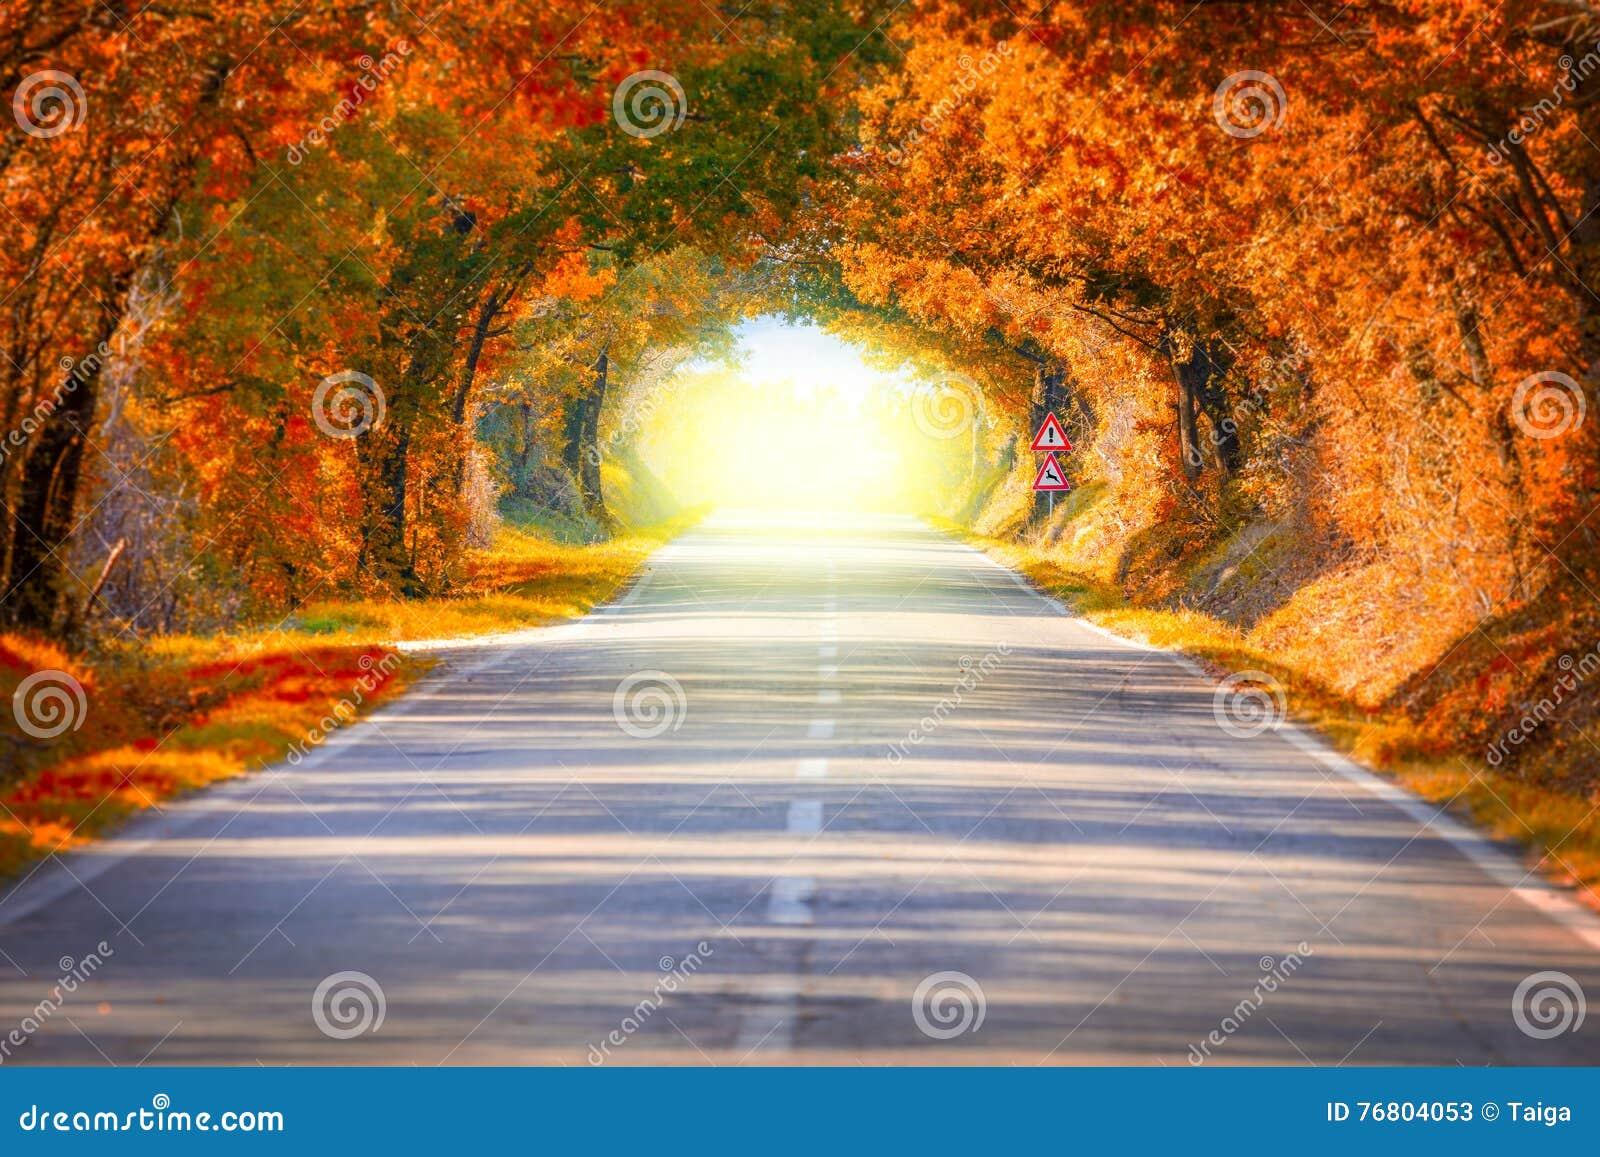 Autumn Fall Road-landschap - bomen tunne en magisch licht